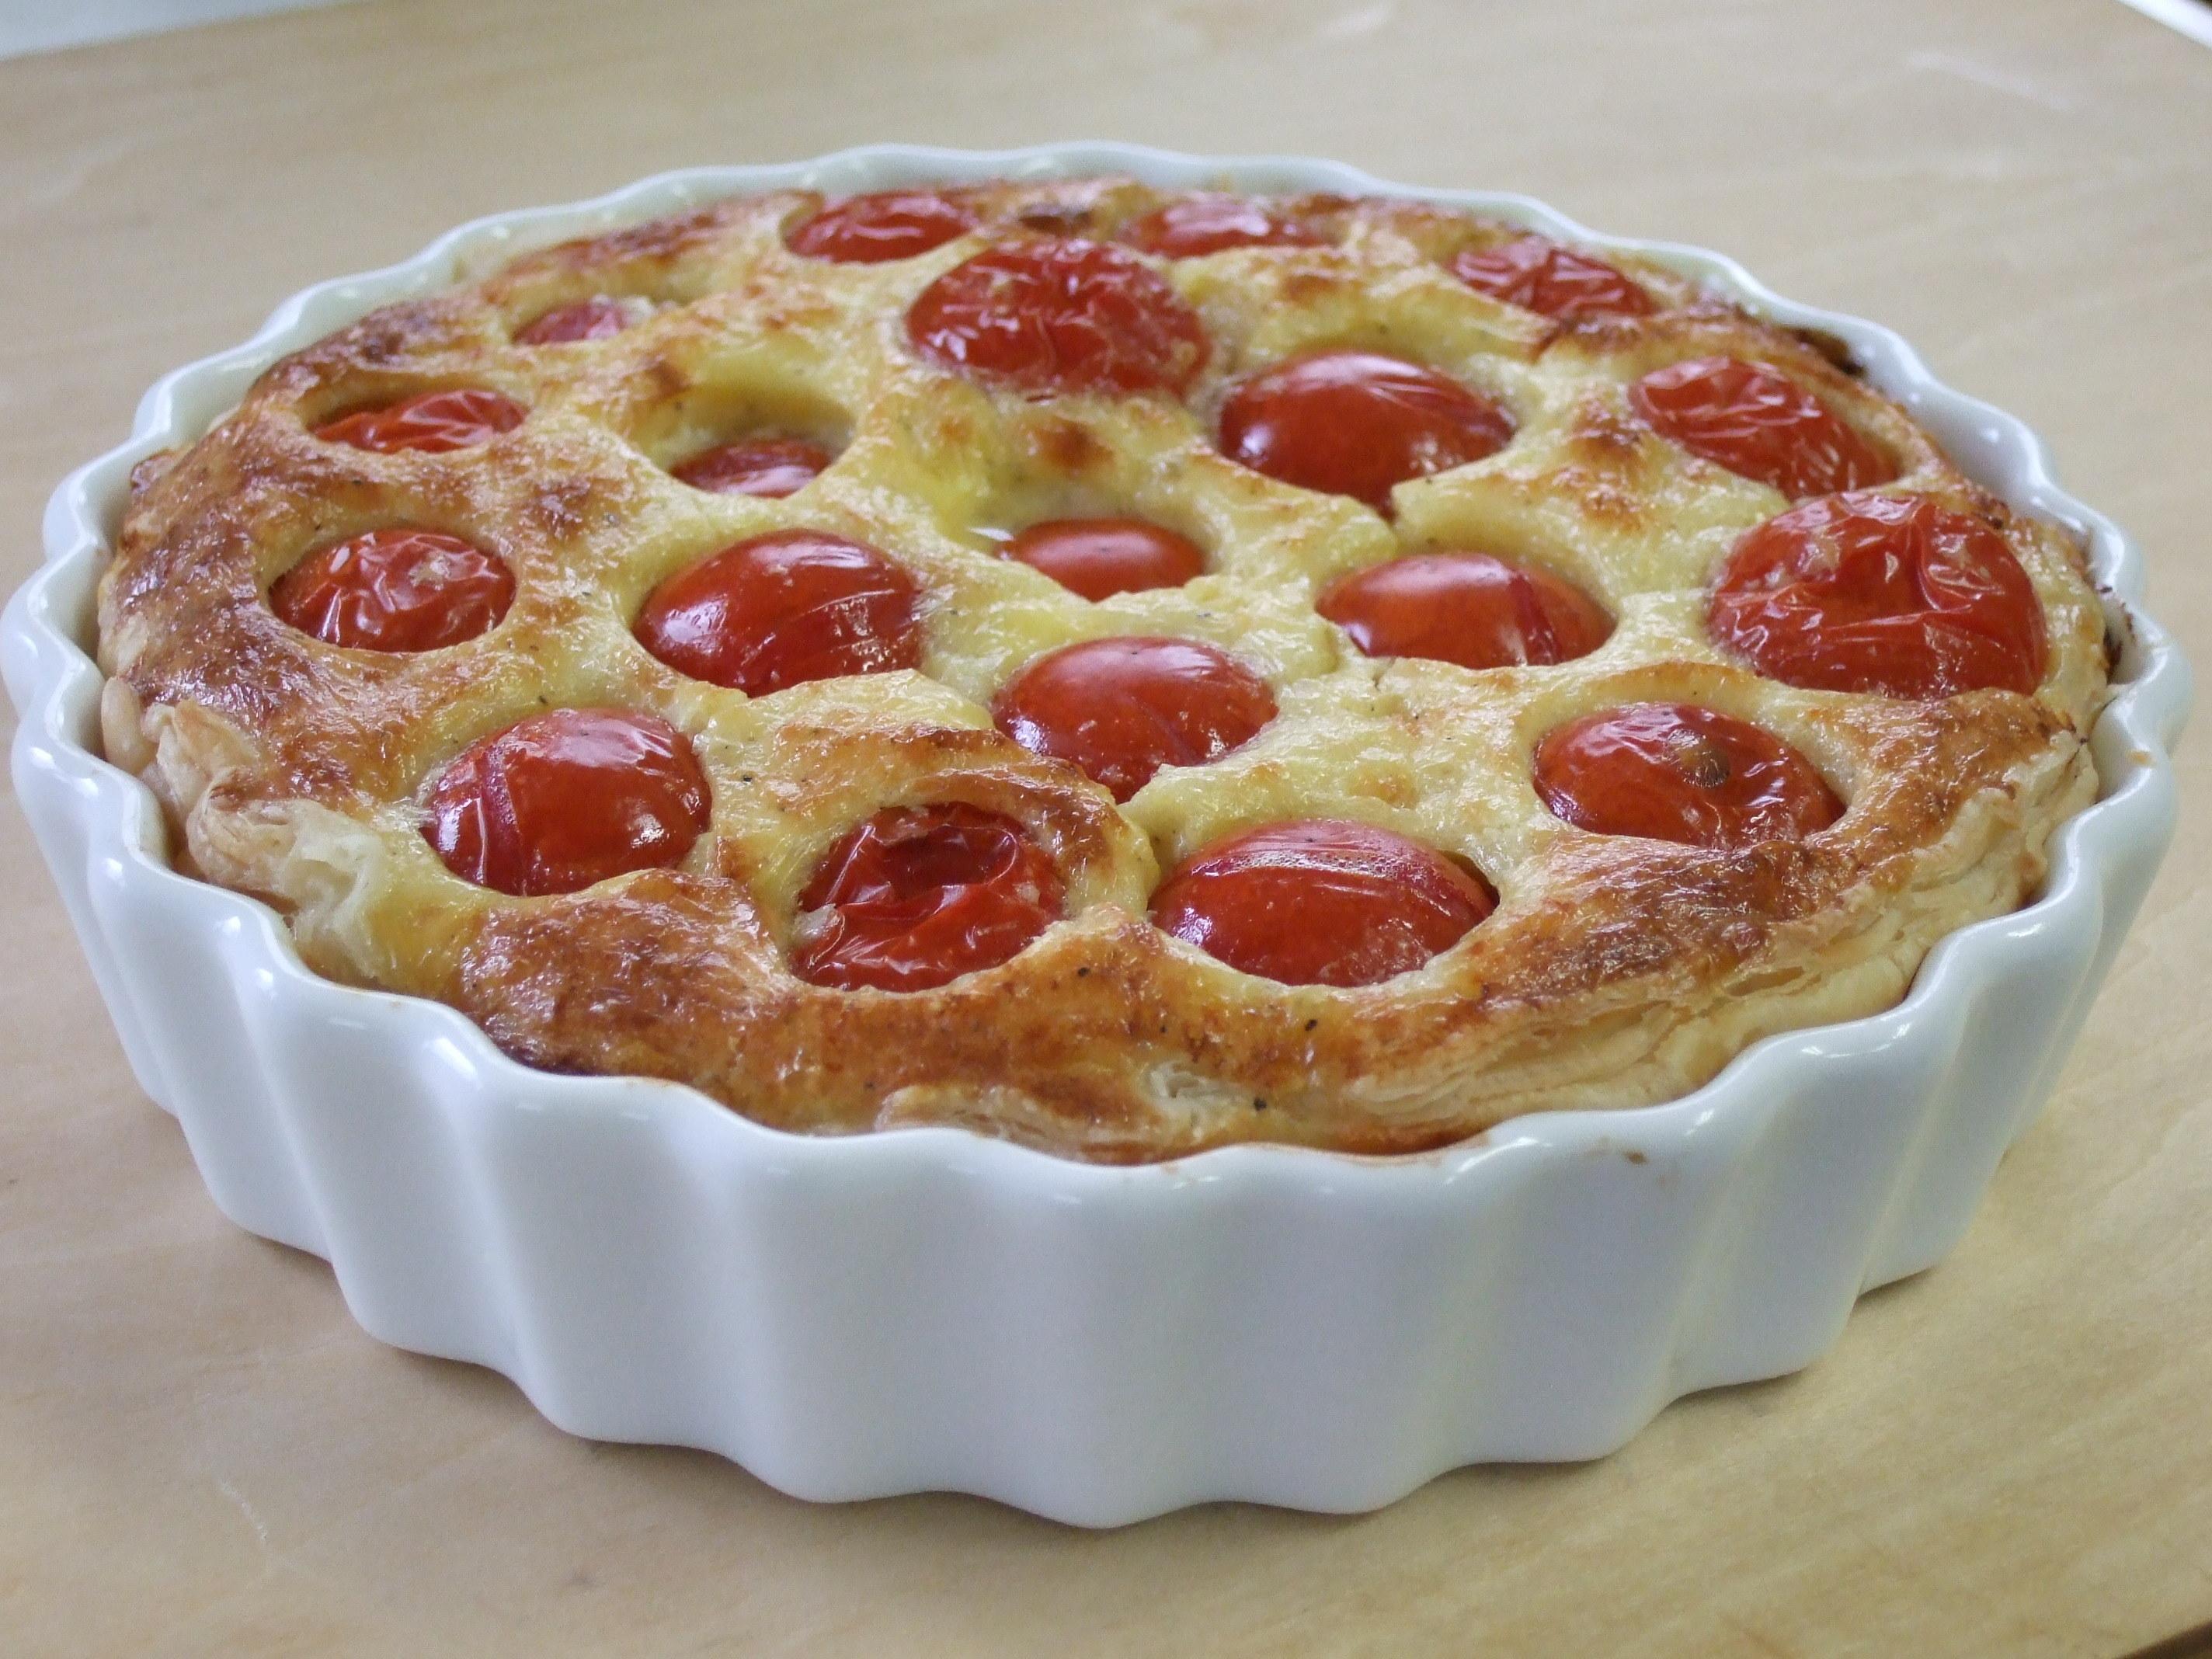 トマトのキッシュ。なんて爽やかなブランチタイム。秋には🍄、南仏プロヴァンス、オリーブ&パプリカ赤黄楽しく